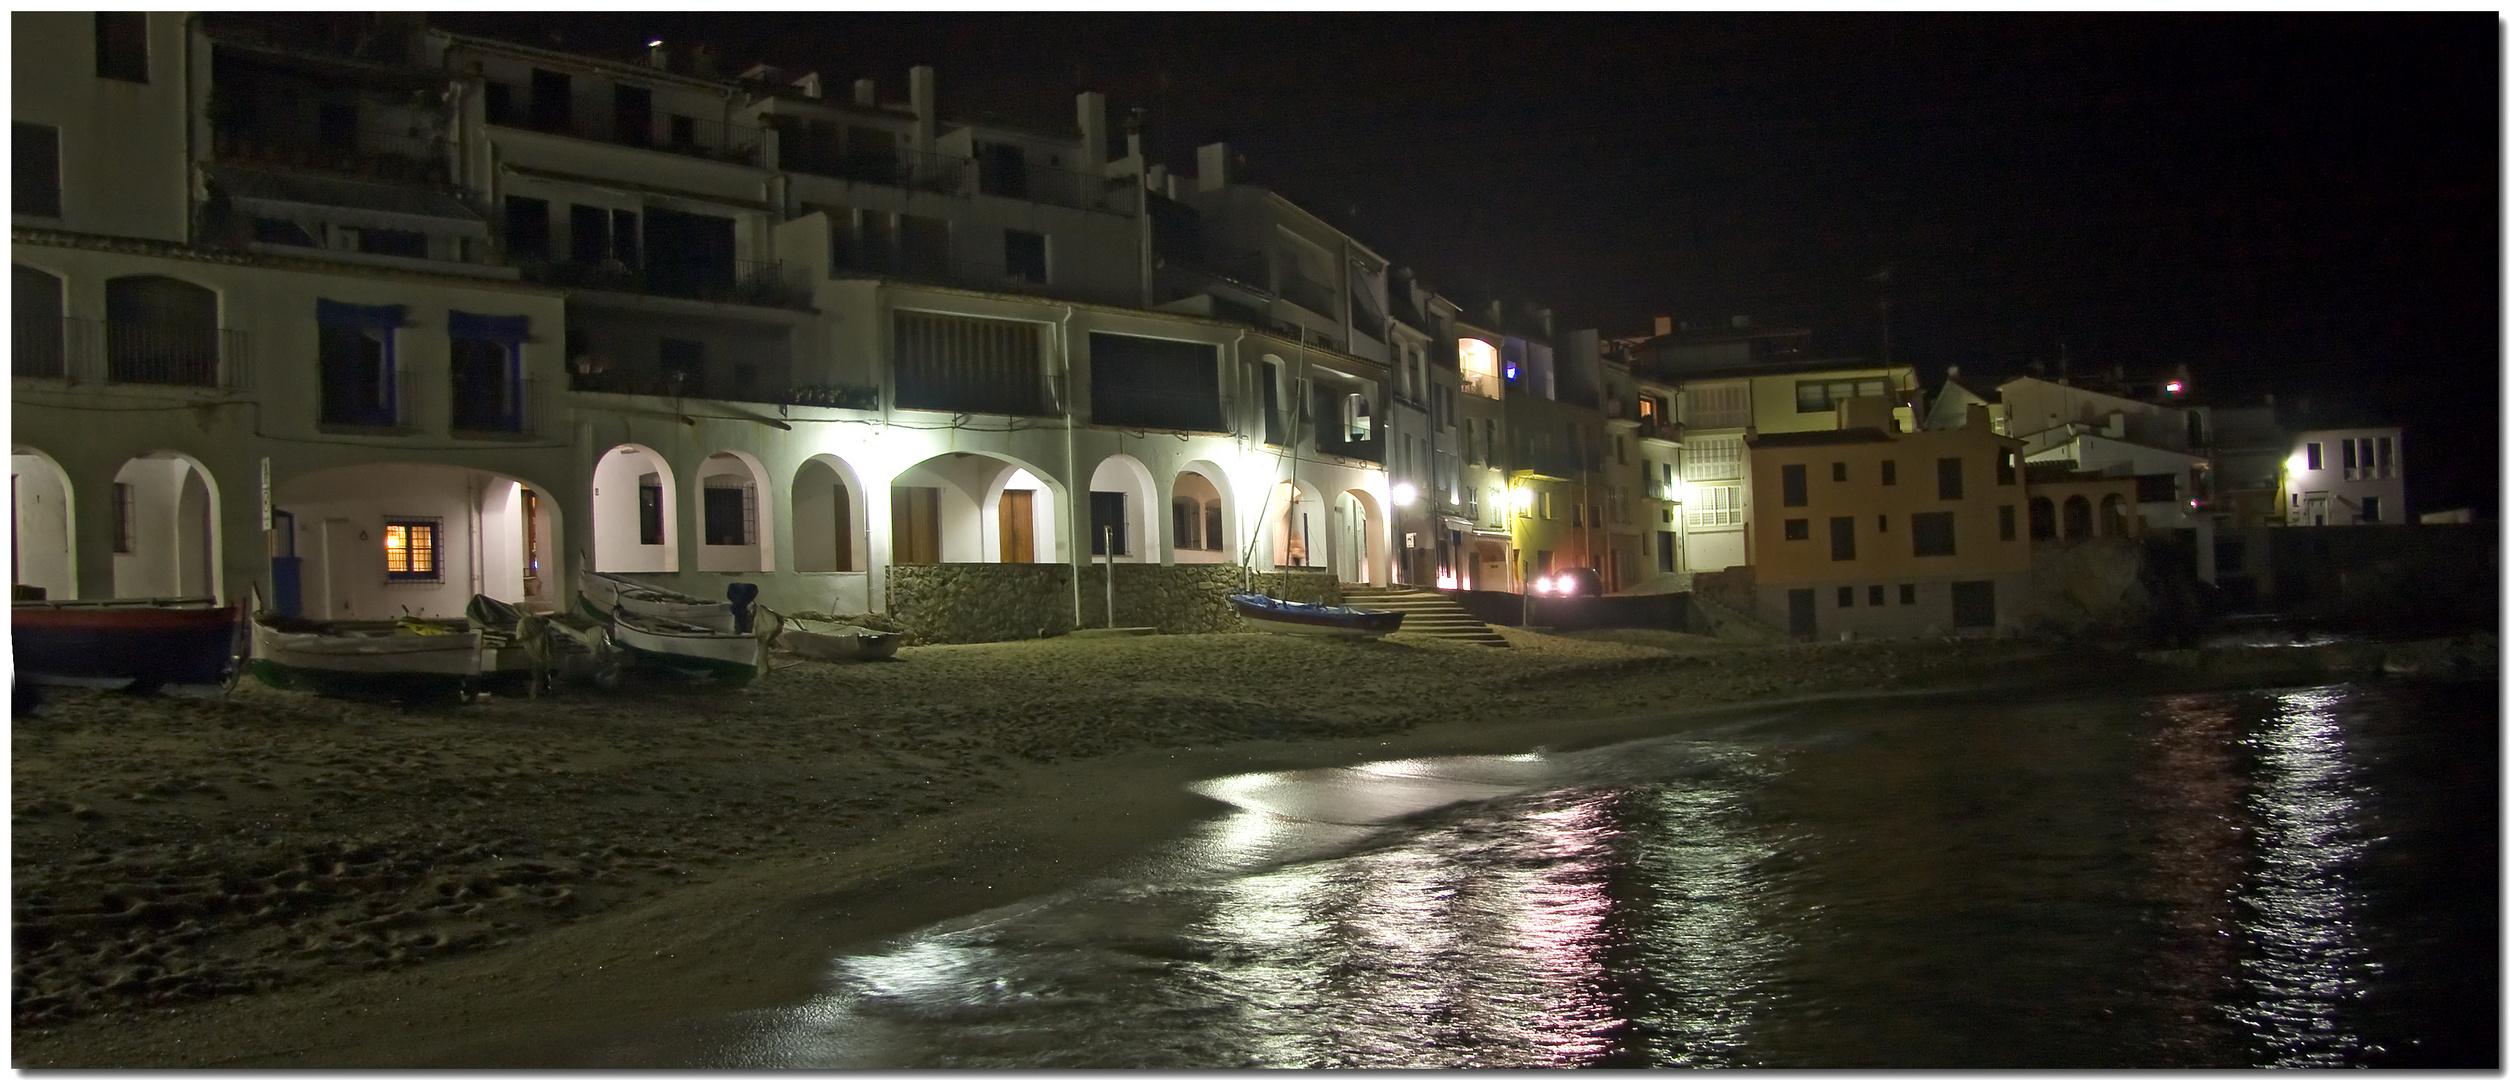 De nit a Calella XVII Les voltes solitàries